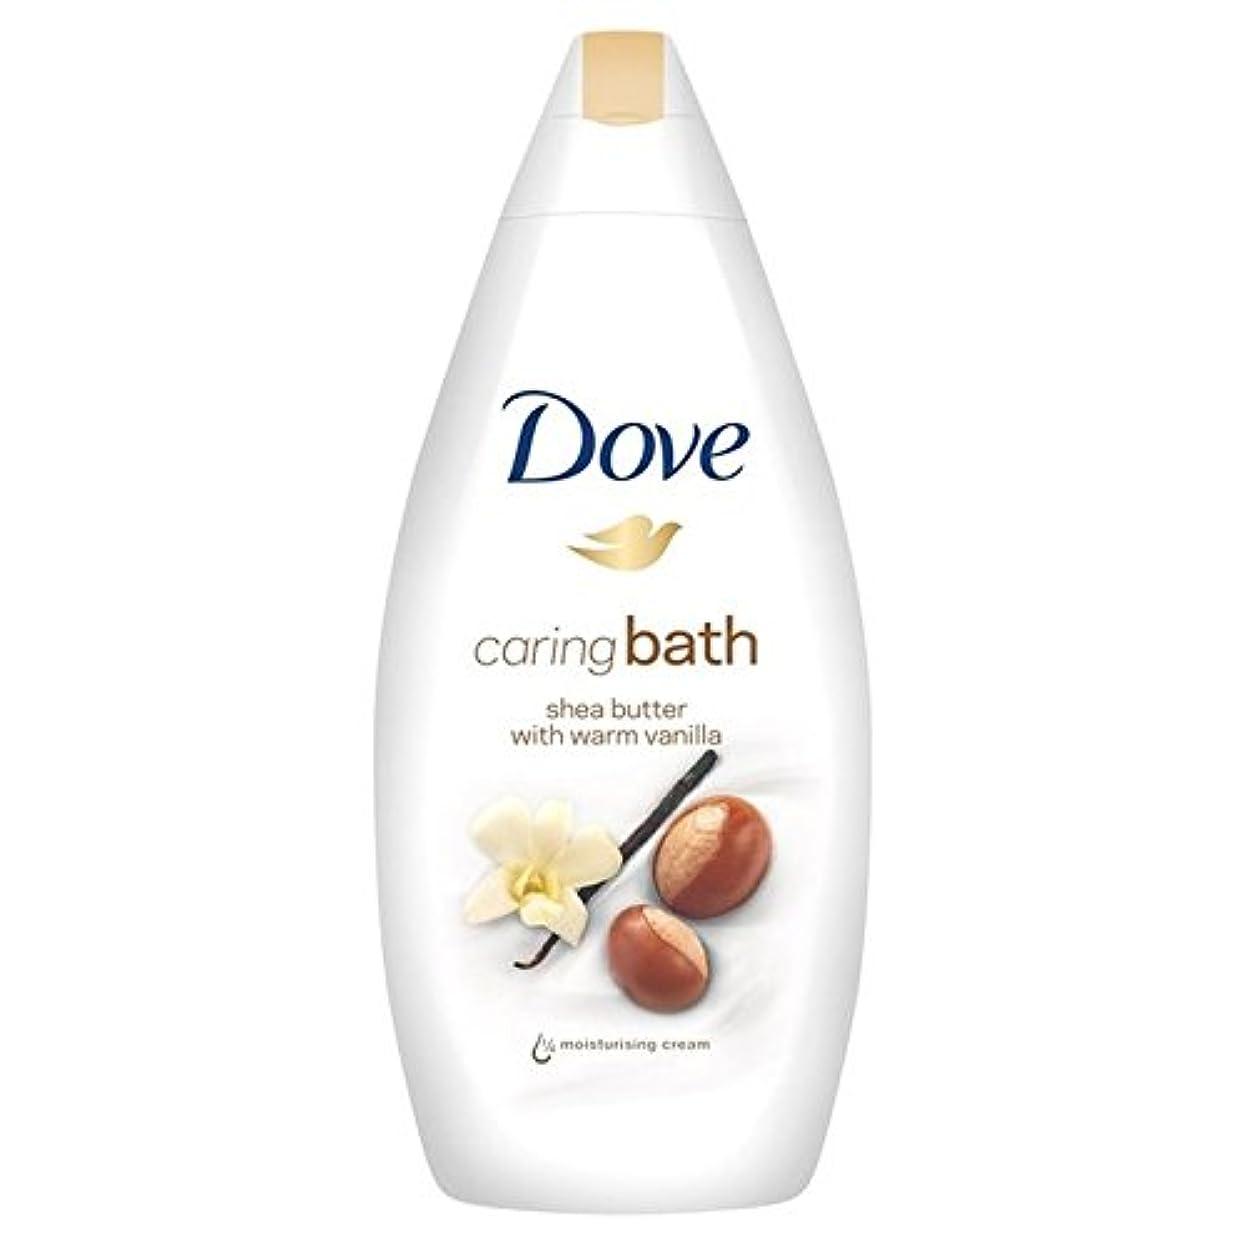 を通して反響する合理的Dove Purely Pampering Shea Butter Caring Cream Bath 500ml - 鳩純粋な贅沢シアバター思いやりのあるクリームバス500ミリリットル [並行輸入品]